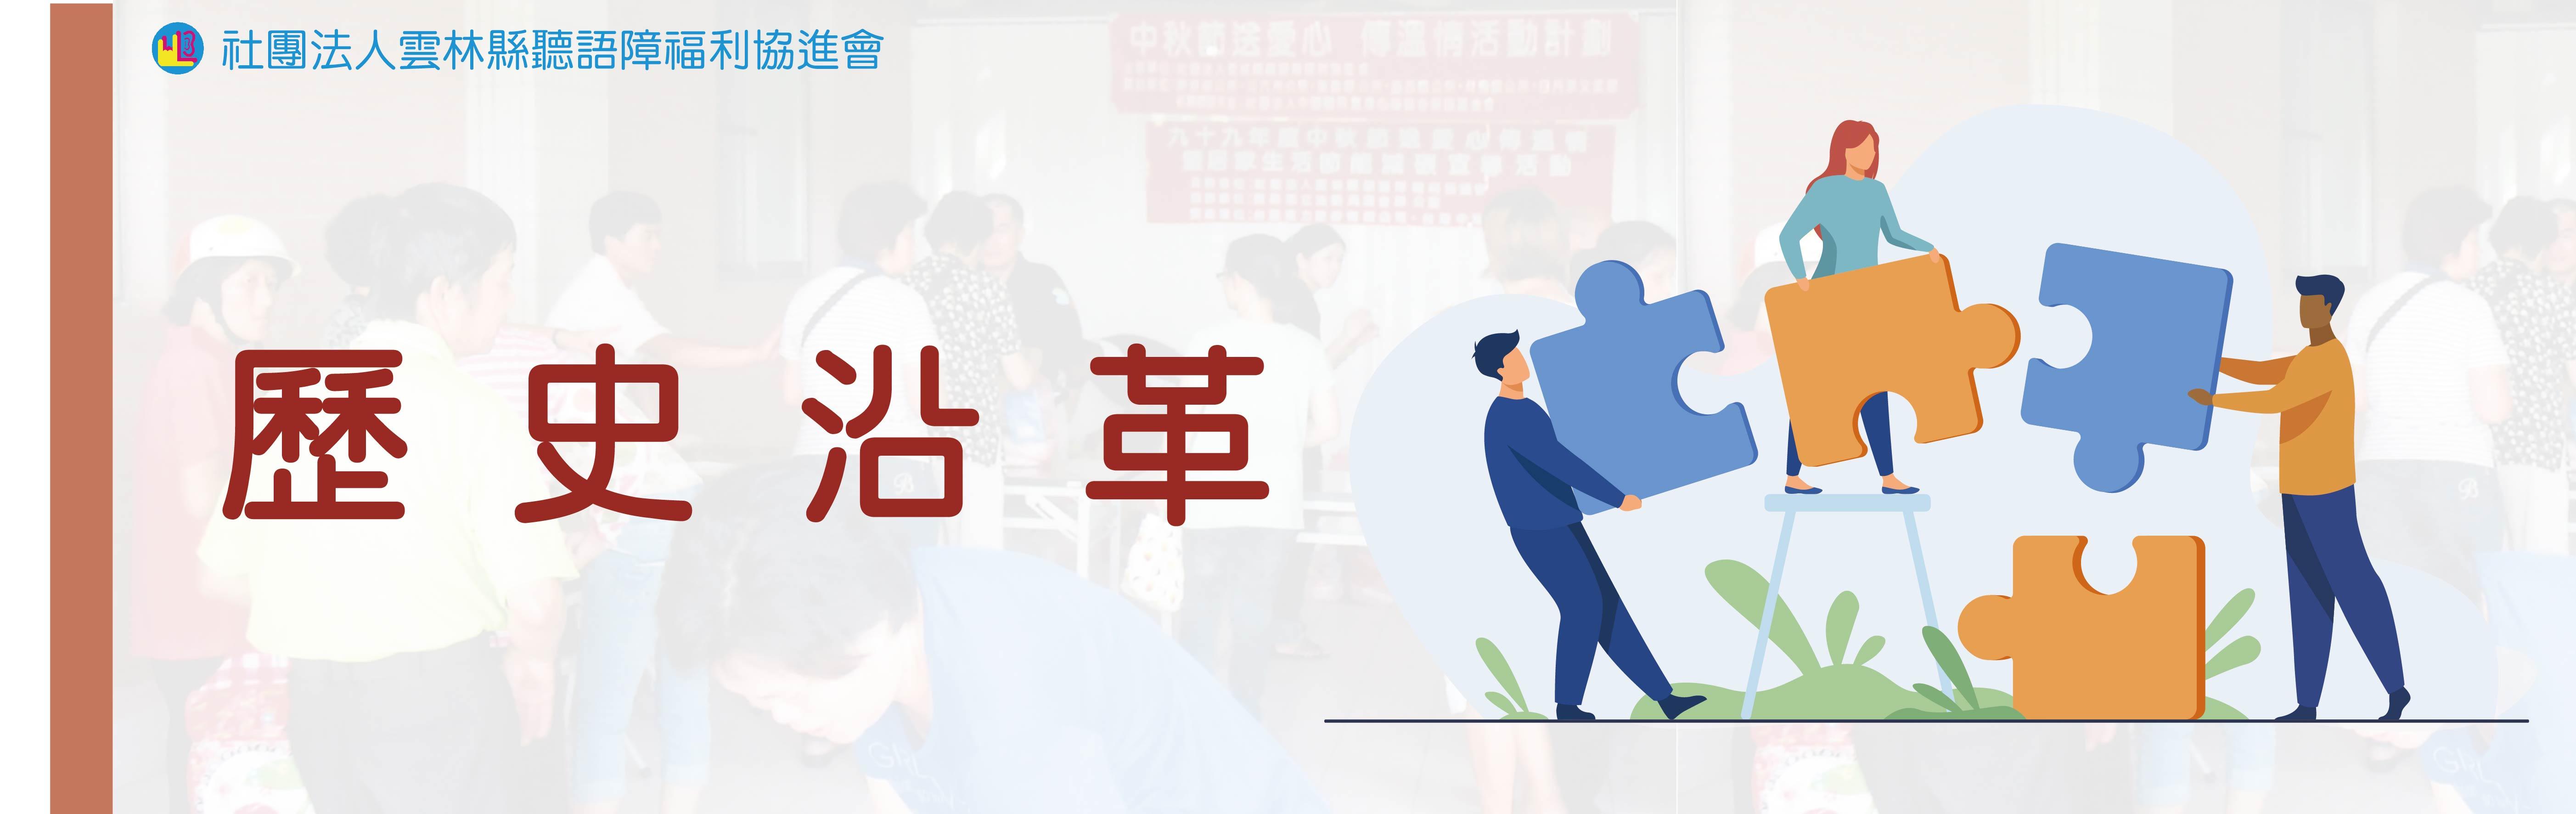 歷史沿革.jpg